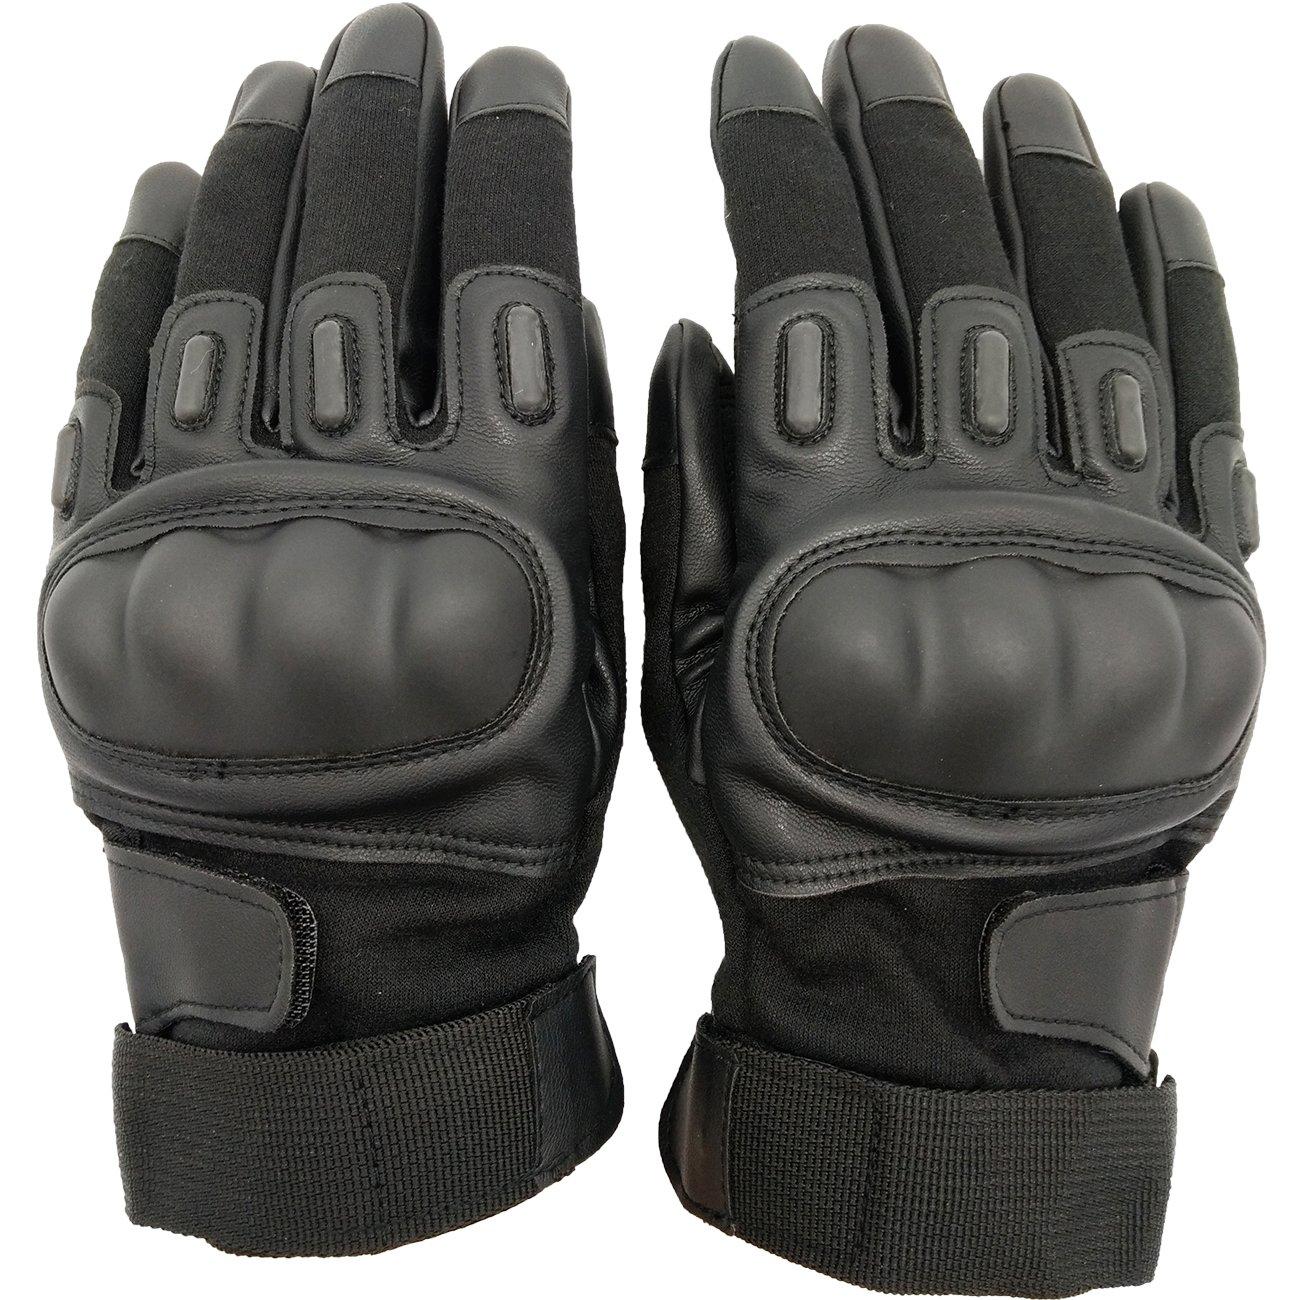 メンズタクティカル手袋ミリタリーゴムフル指ハードナックルアウトドアグローブフィットのサイクリング運転、ハイキングキャンピングPowersports Airsoft Paintball B076CSY7G7  ブラック X-Large